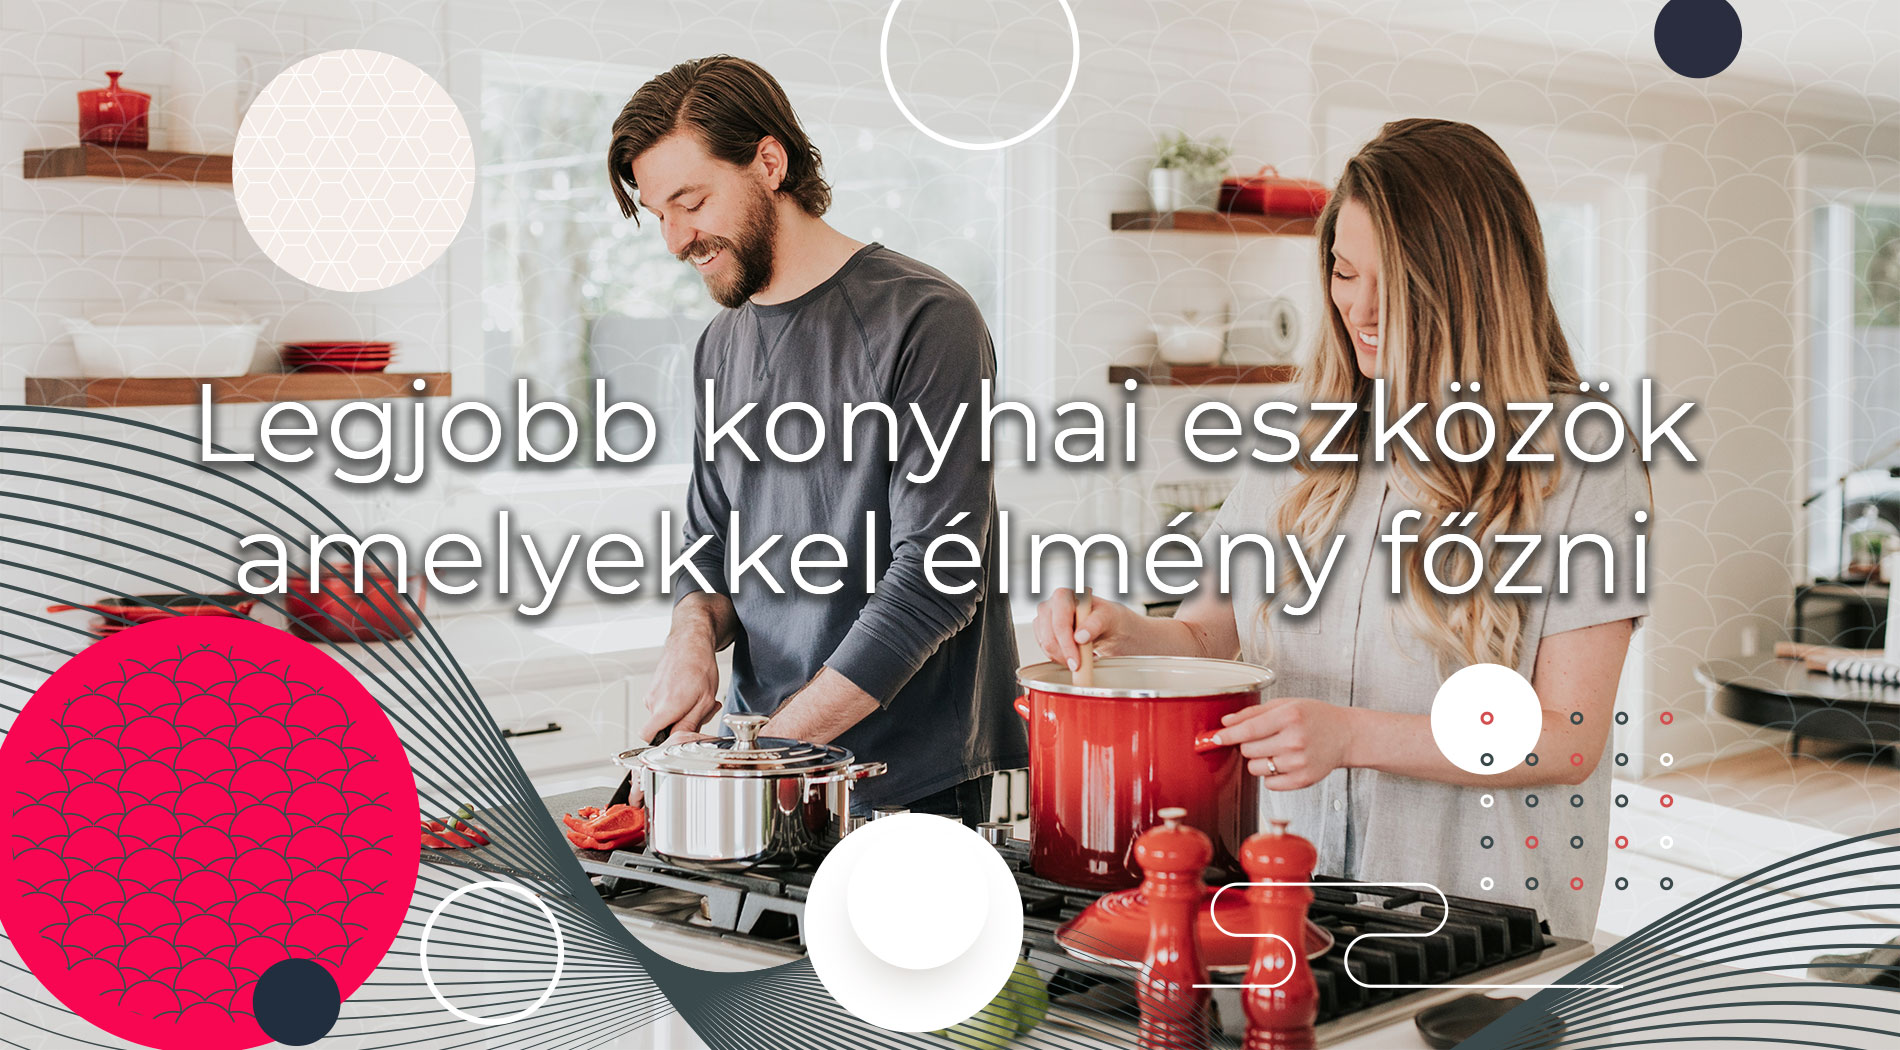 legjobb konyhai eszközk, amelyekkel élmény főzni